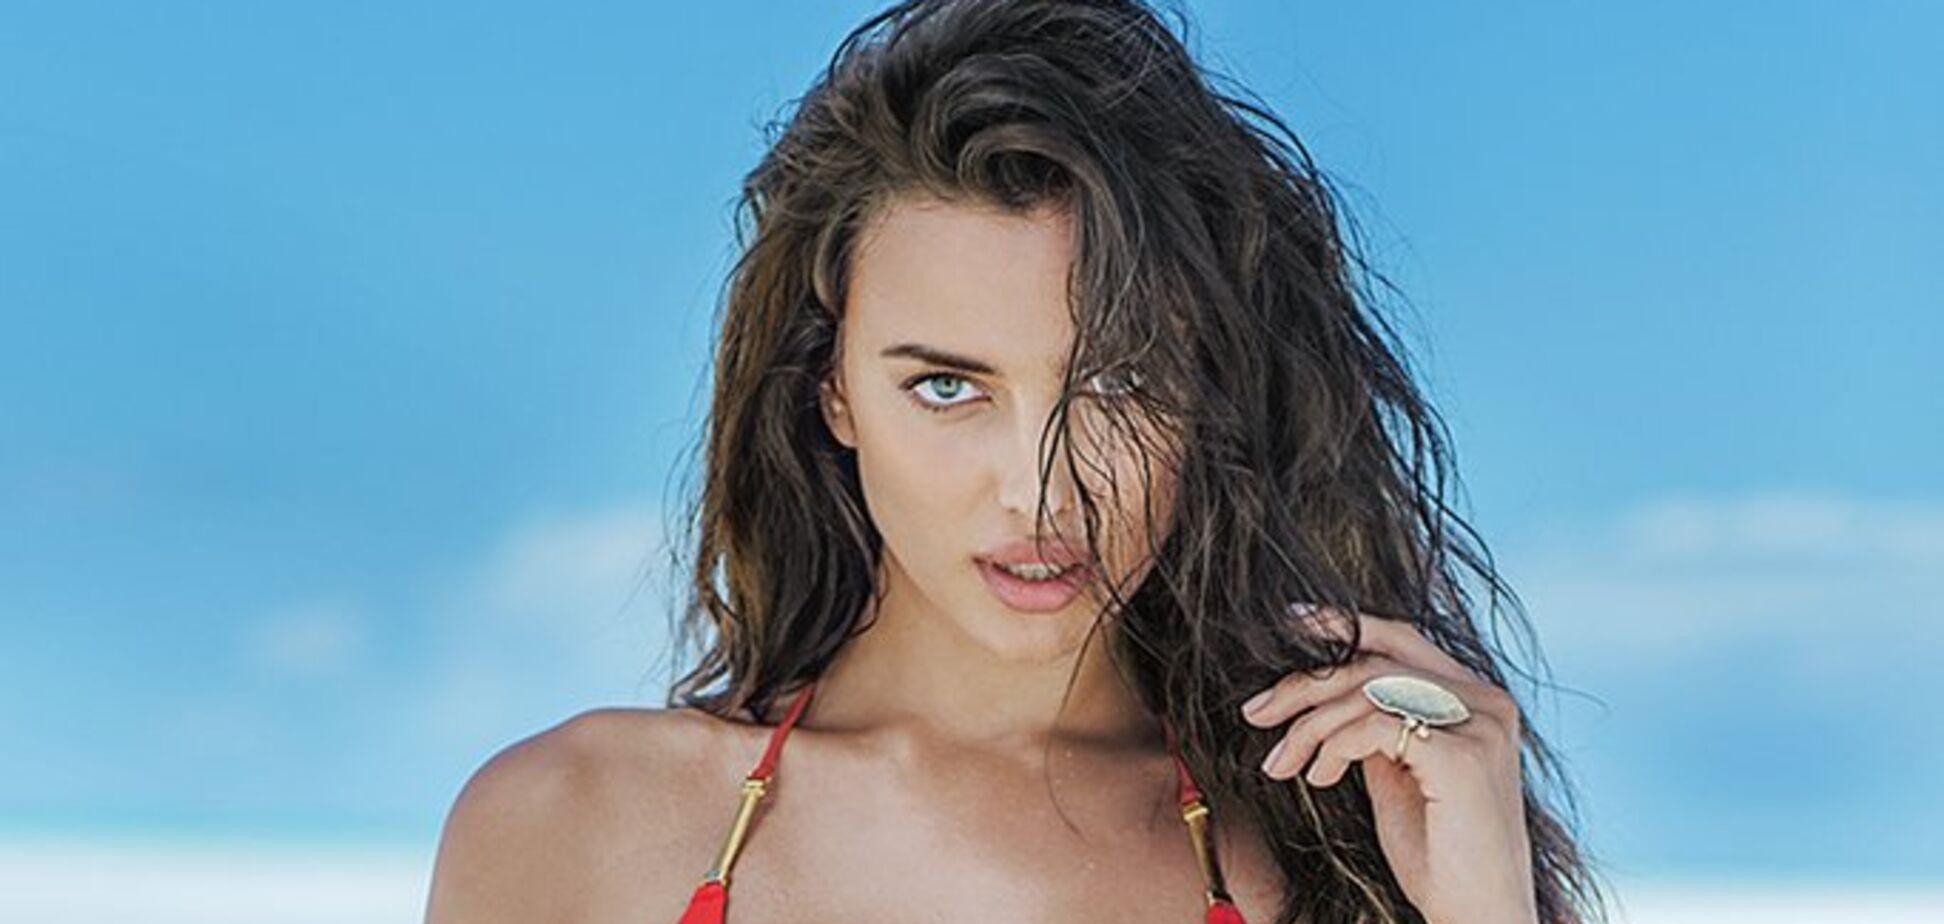 Названа найсексуальніша жінка Росії: гарячі фото красуні